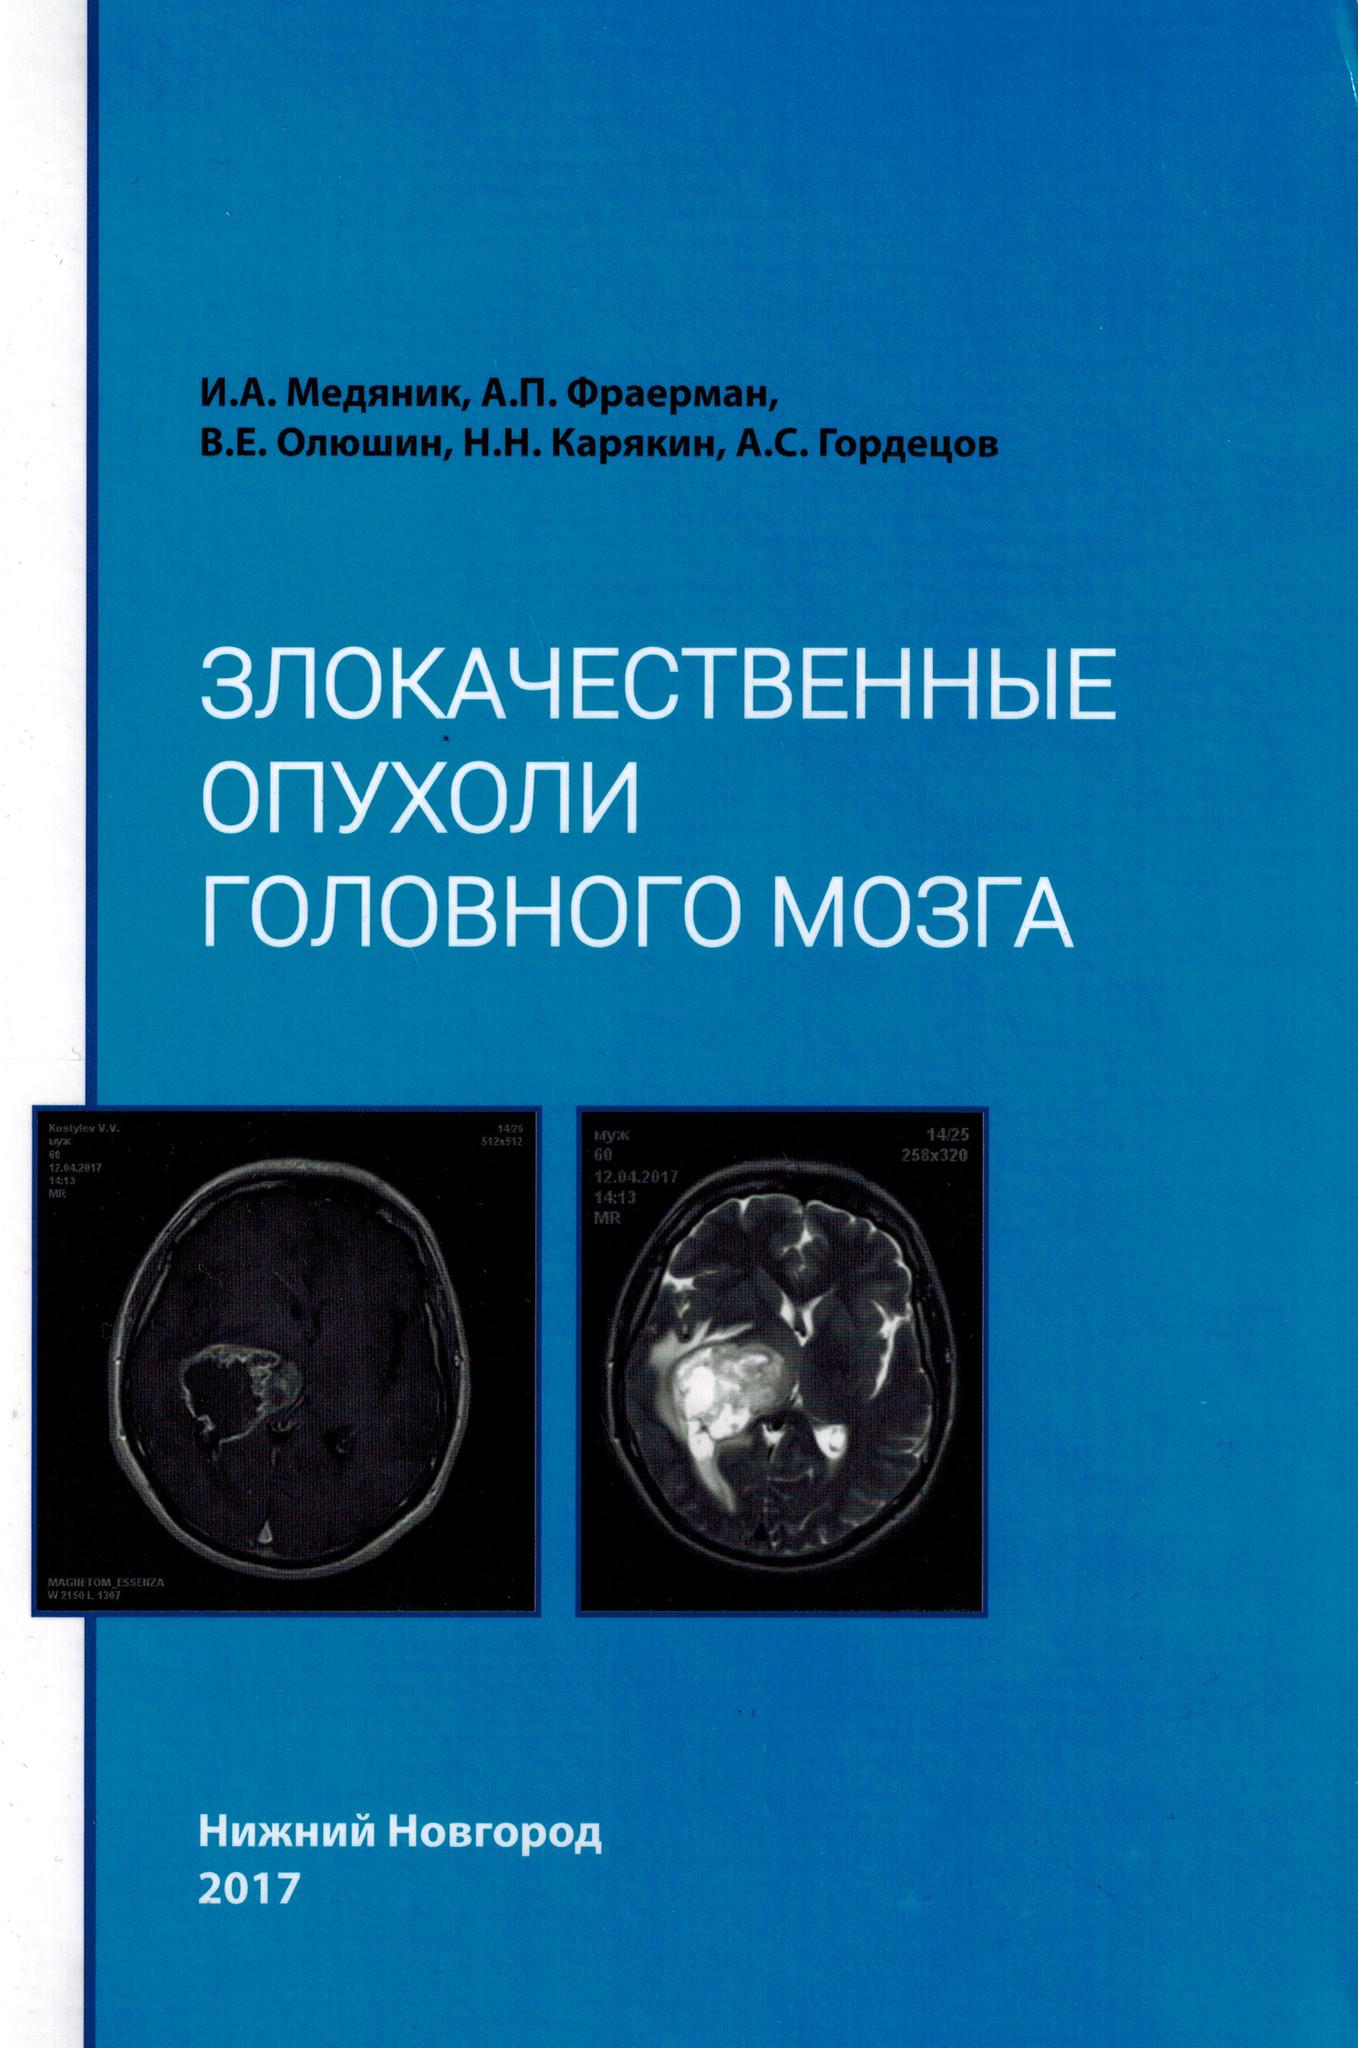 Лучшие книги по нейрохирургии Злокачественные опухоли головного мозга zlokachest_opux.jpg